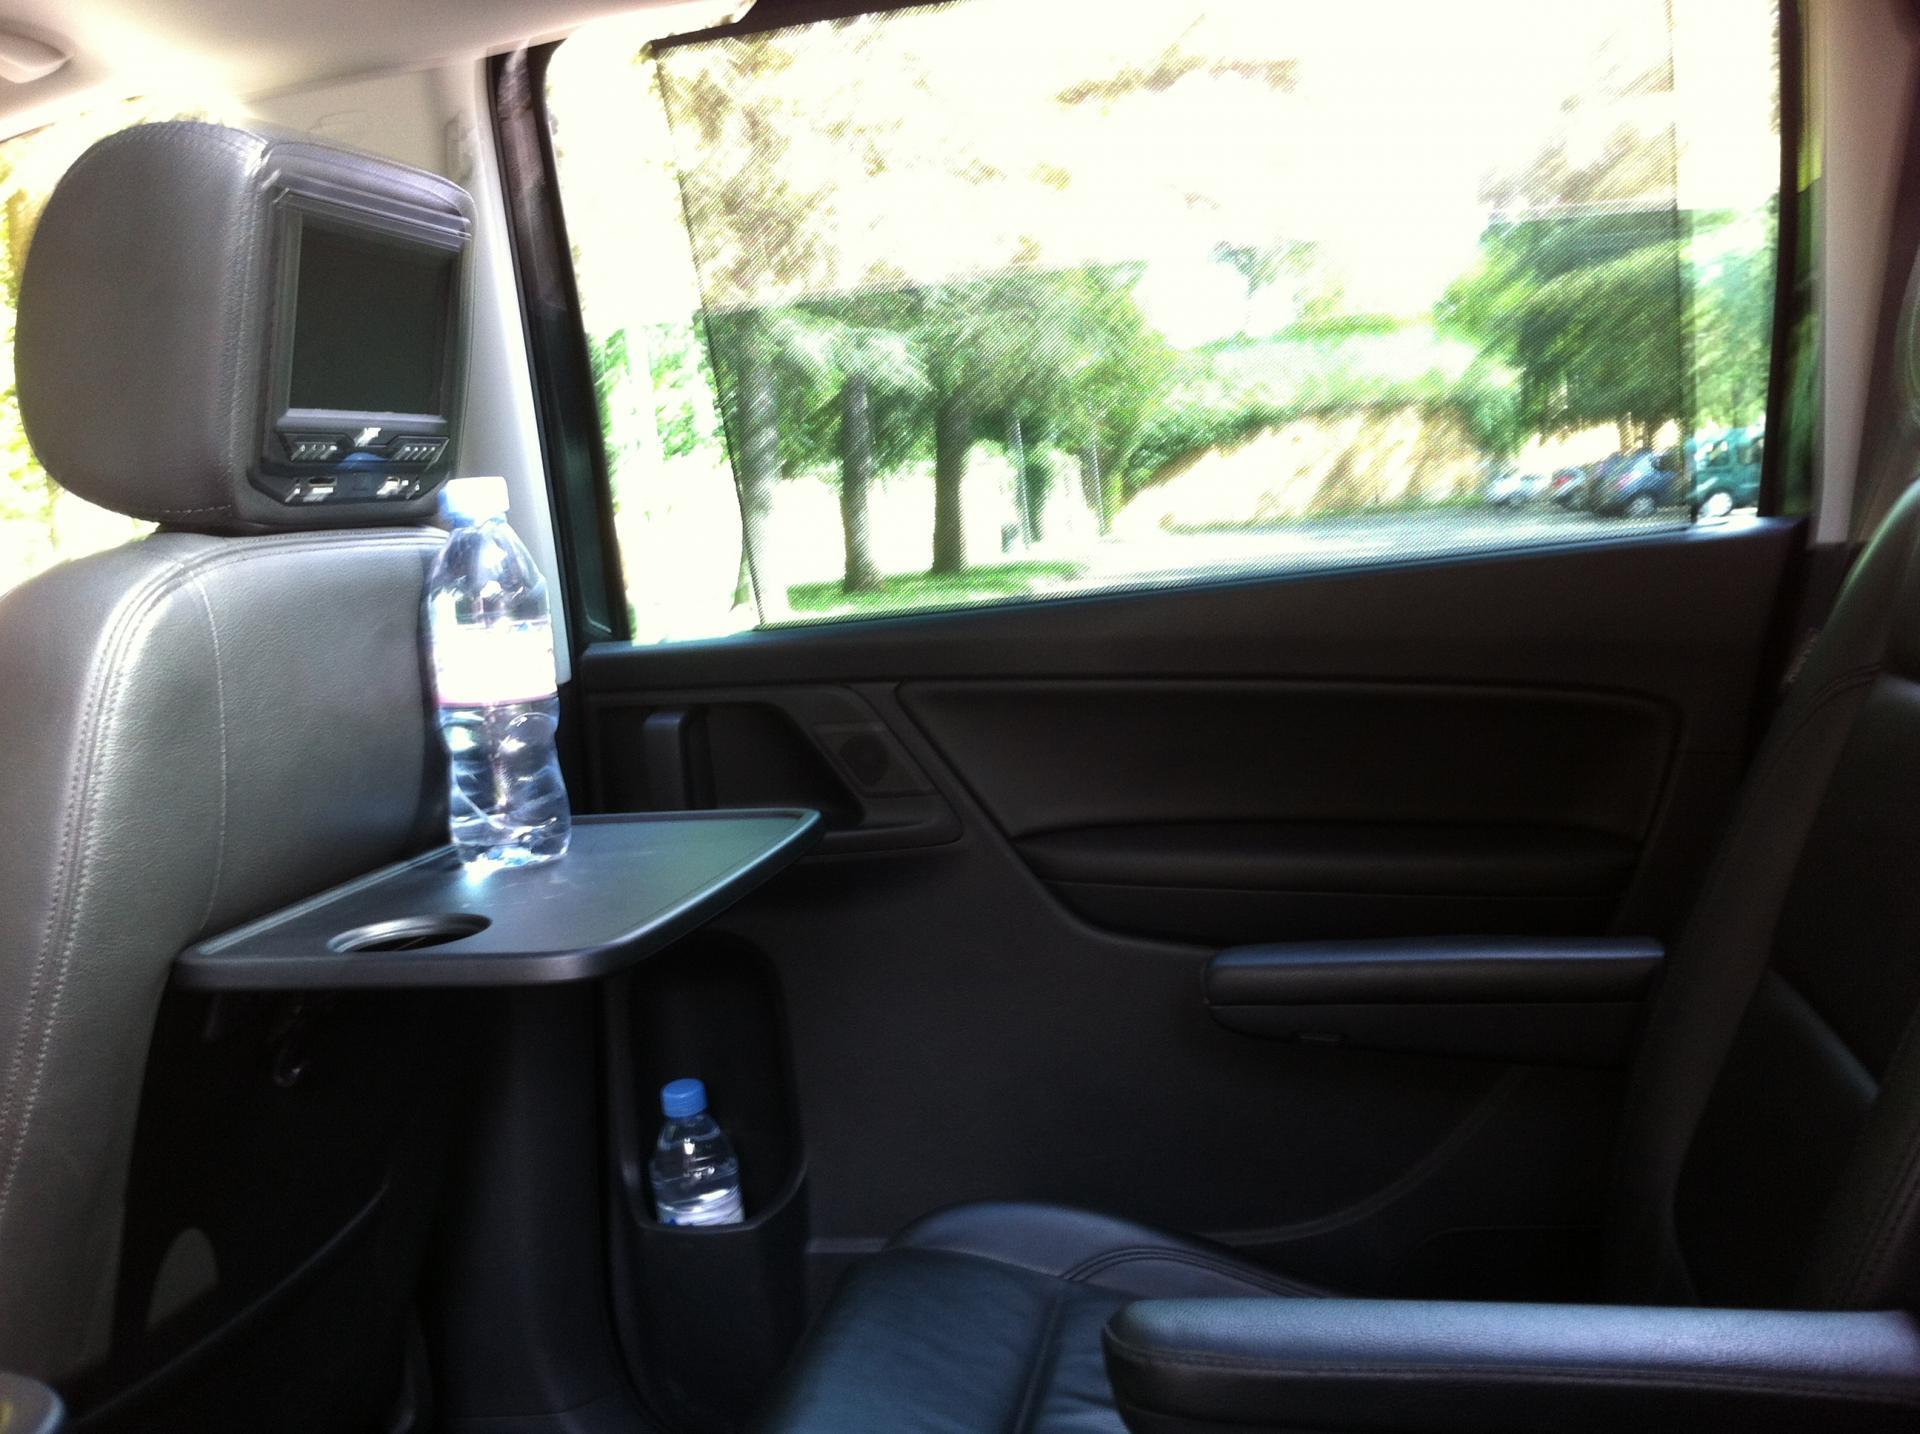 location de v hicule avec chauffeur lyon tel 06 19 88 81 29 marcy l 39 etoile a roport de lyon. Black Bedroom Furniture Sets. Home Design Ideas